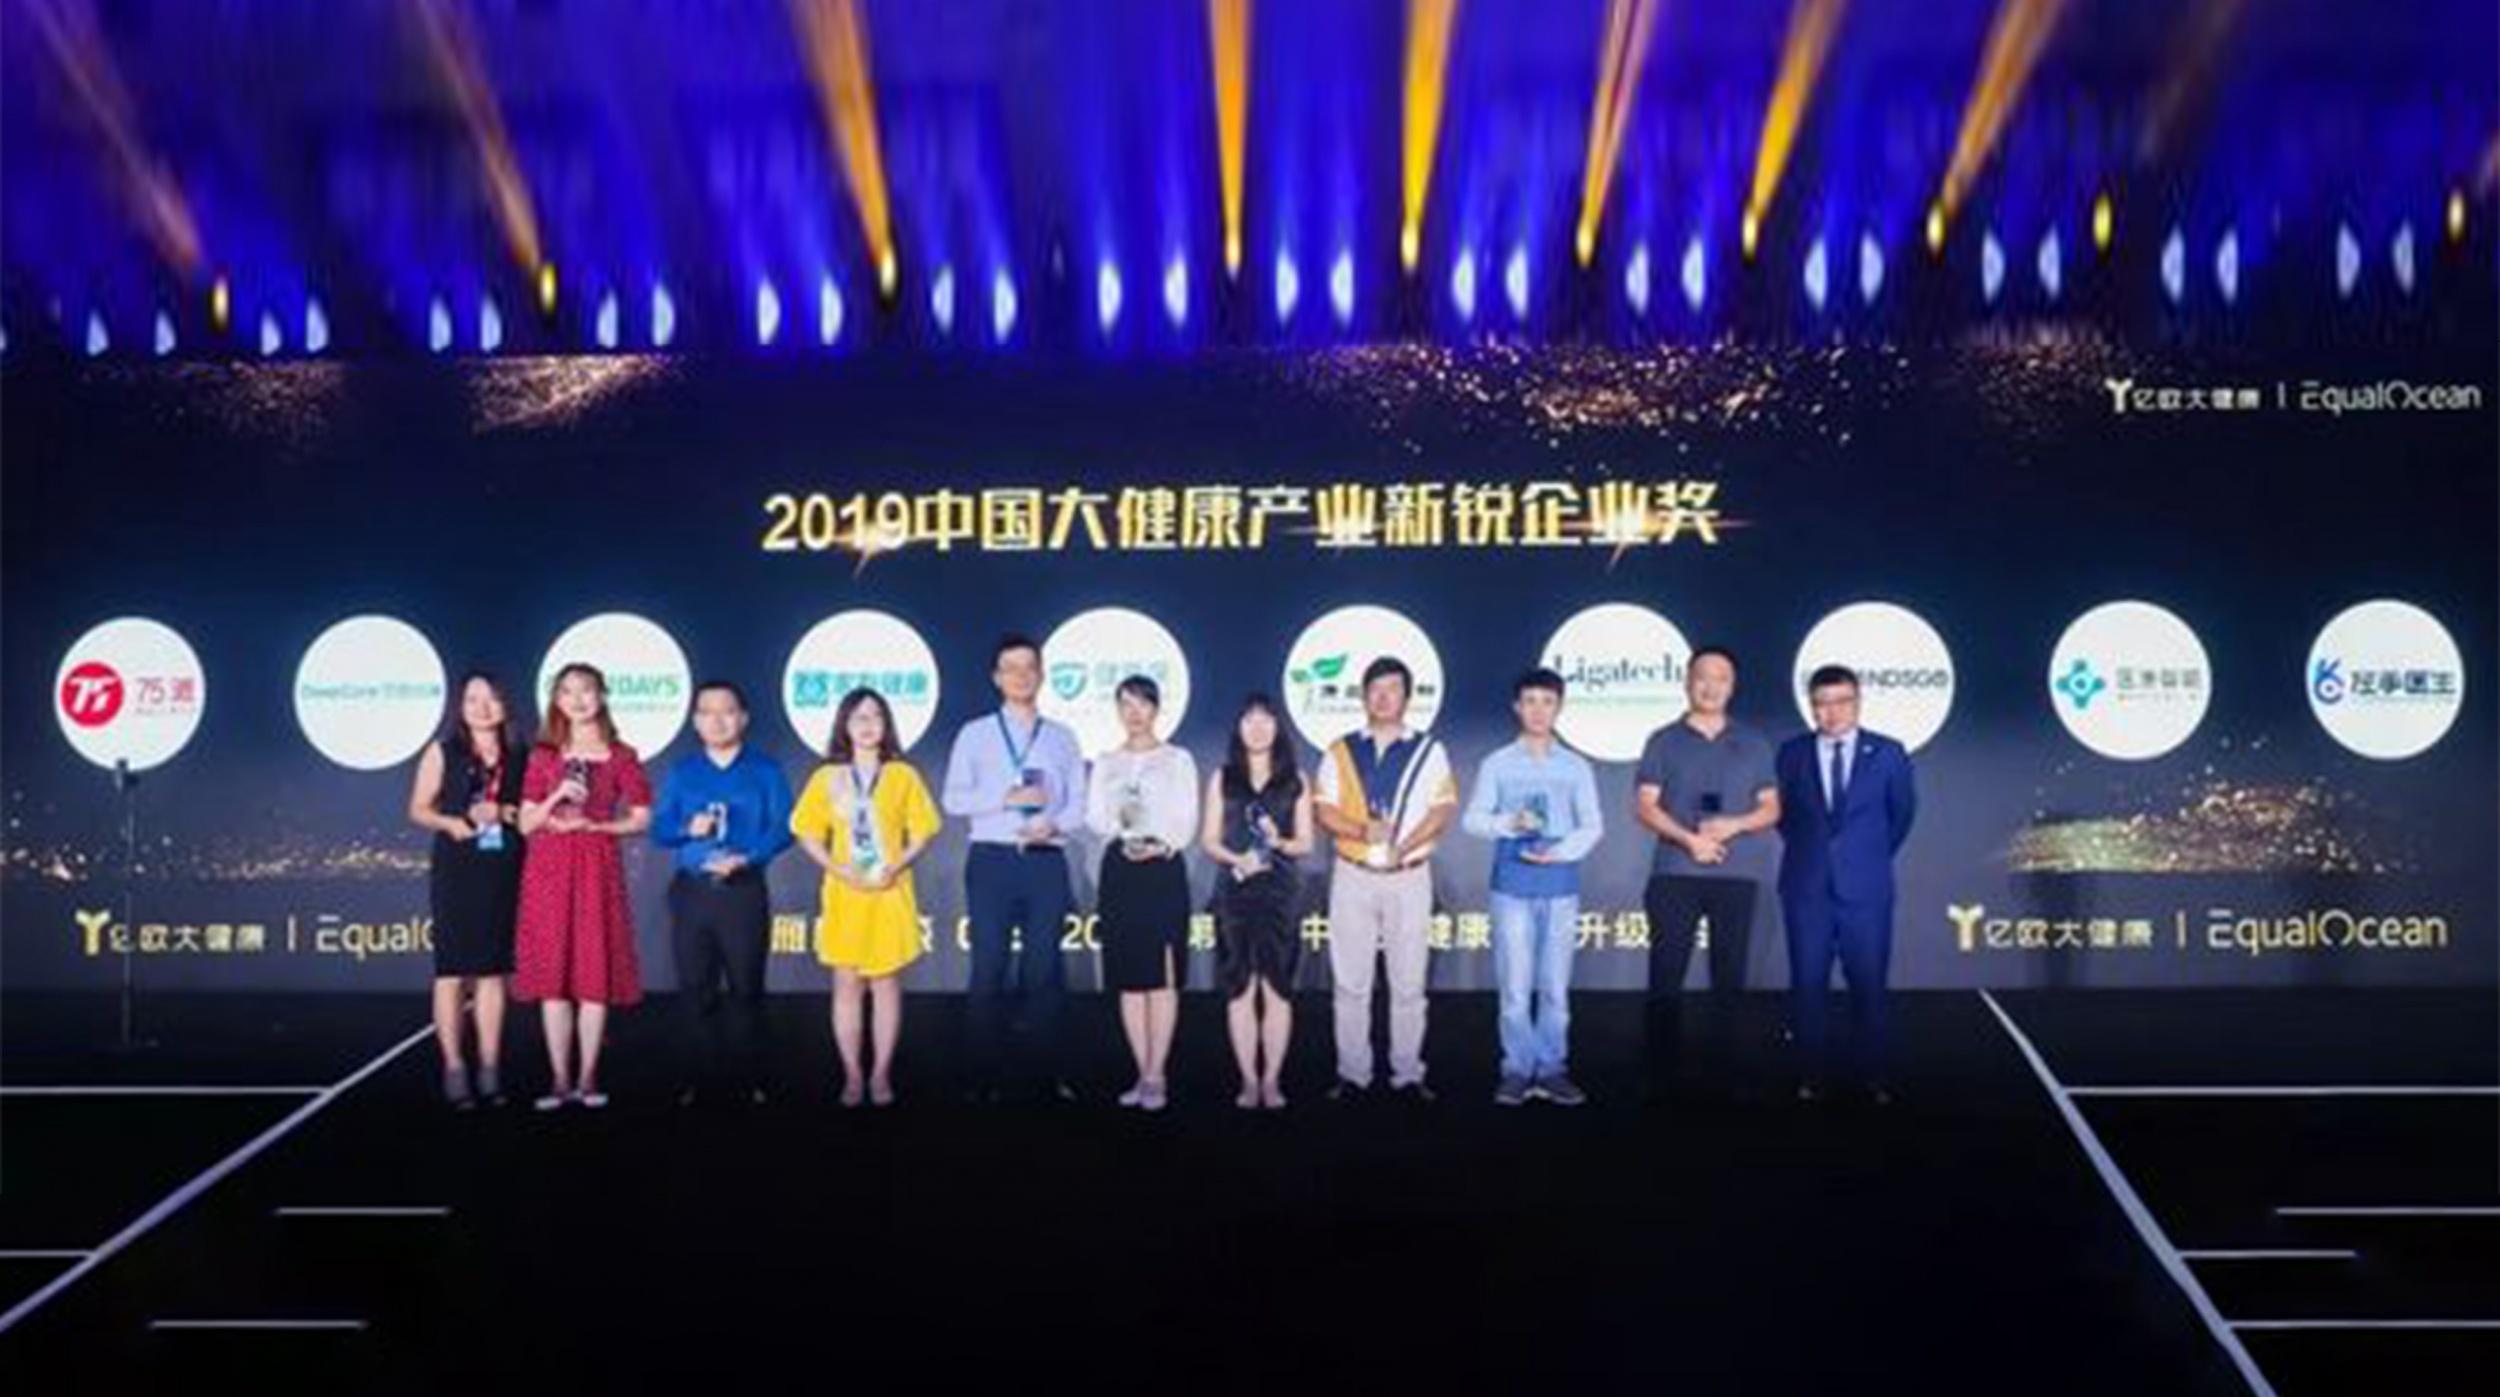 """医准智能斩获""""2019中国大健康产业新锐企业奖"""""""